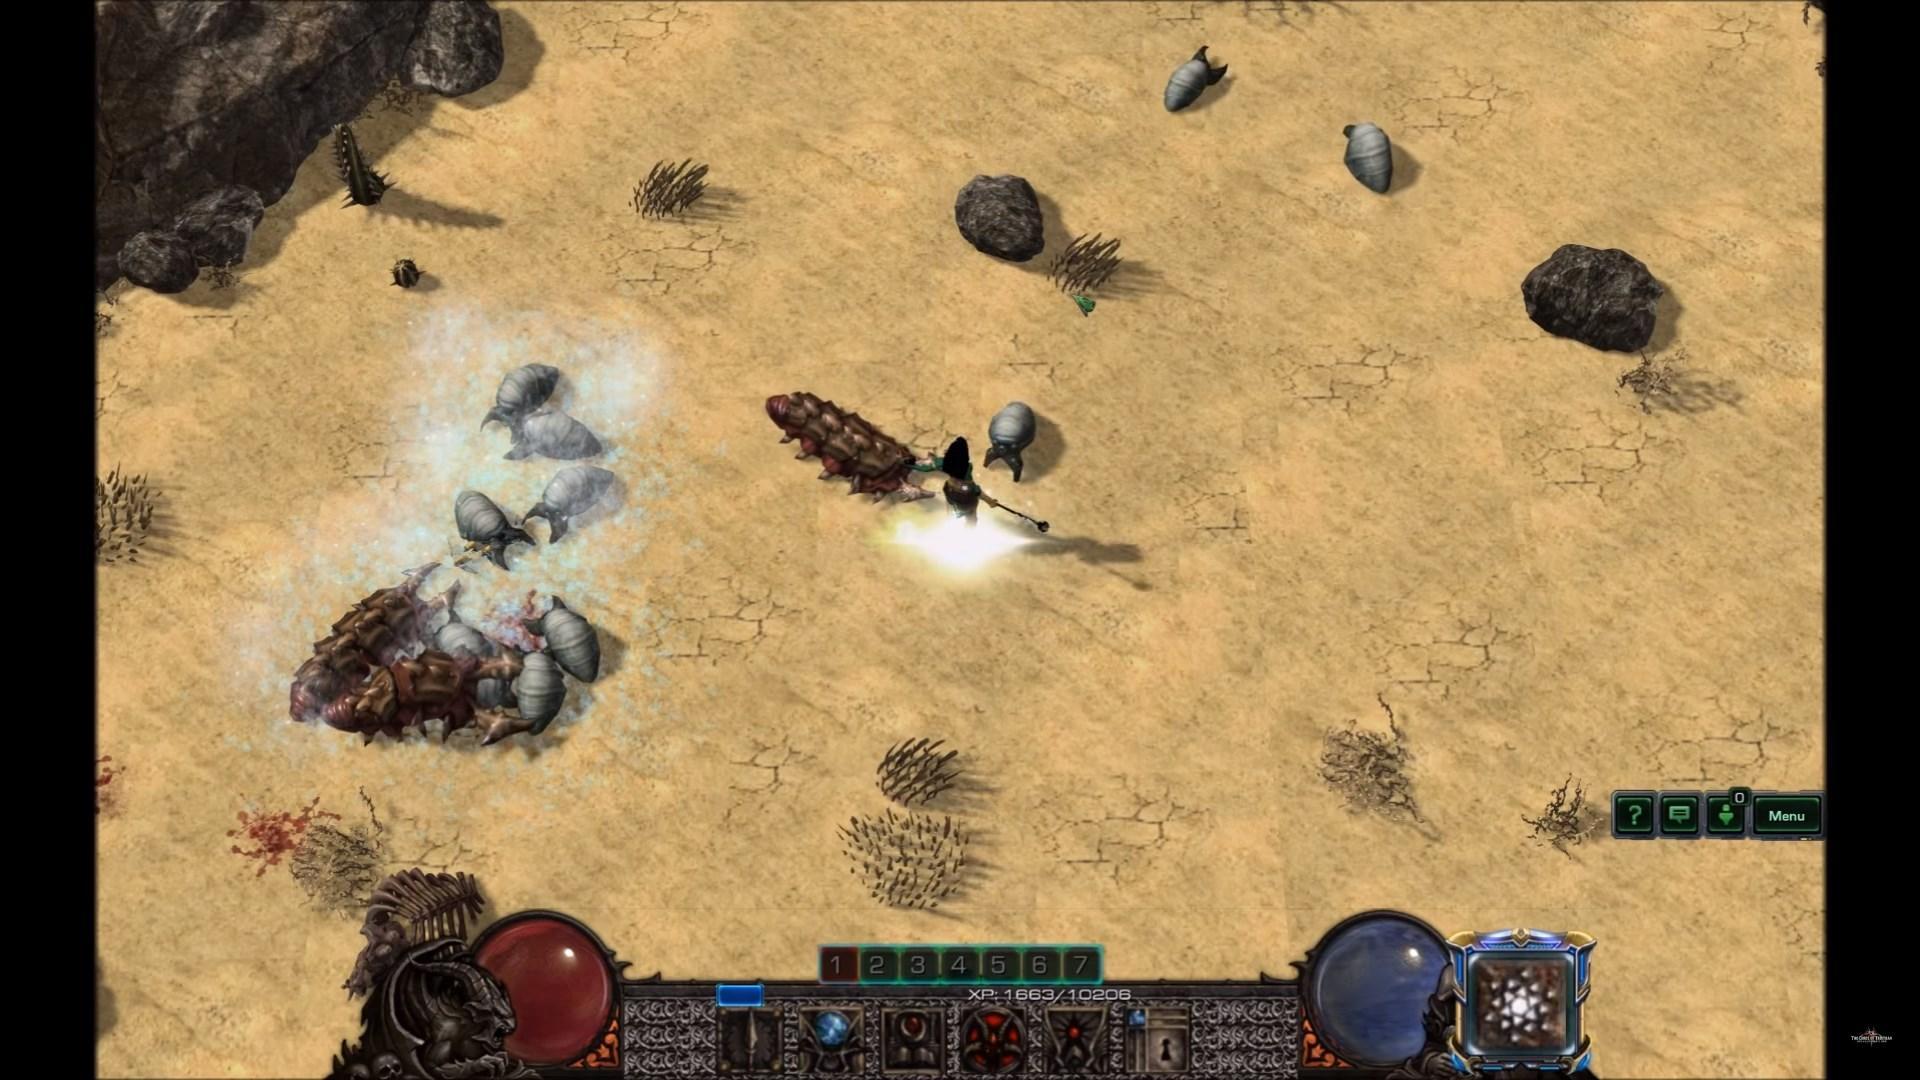 Трейлер Diablo IIнадвижке StarCraft II. Впечатляет!